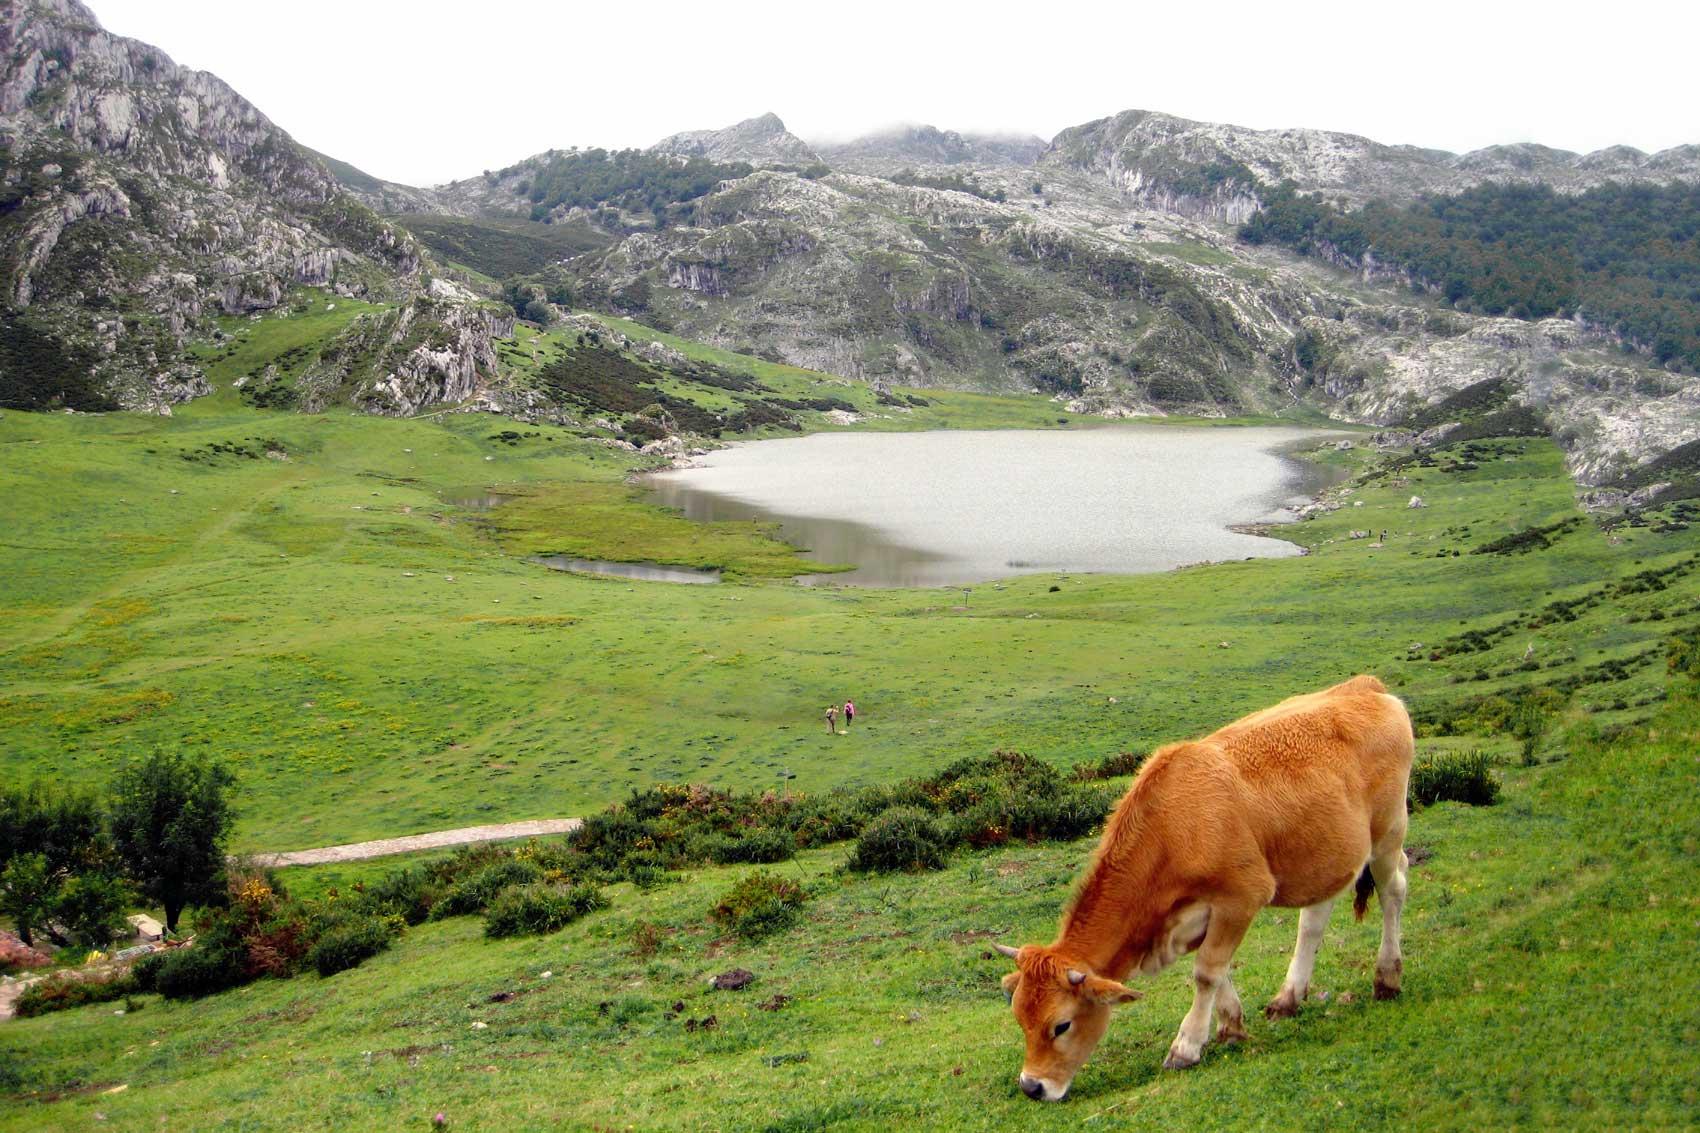 Lagos_Covadonga